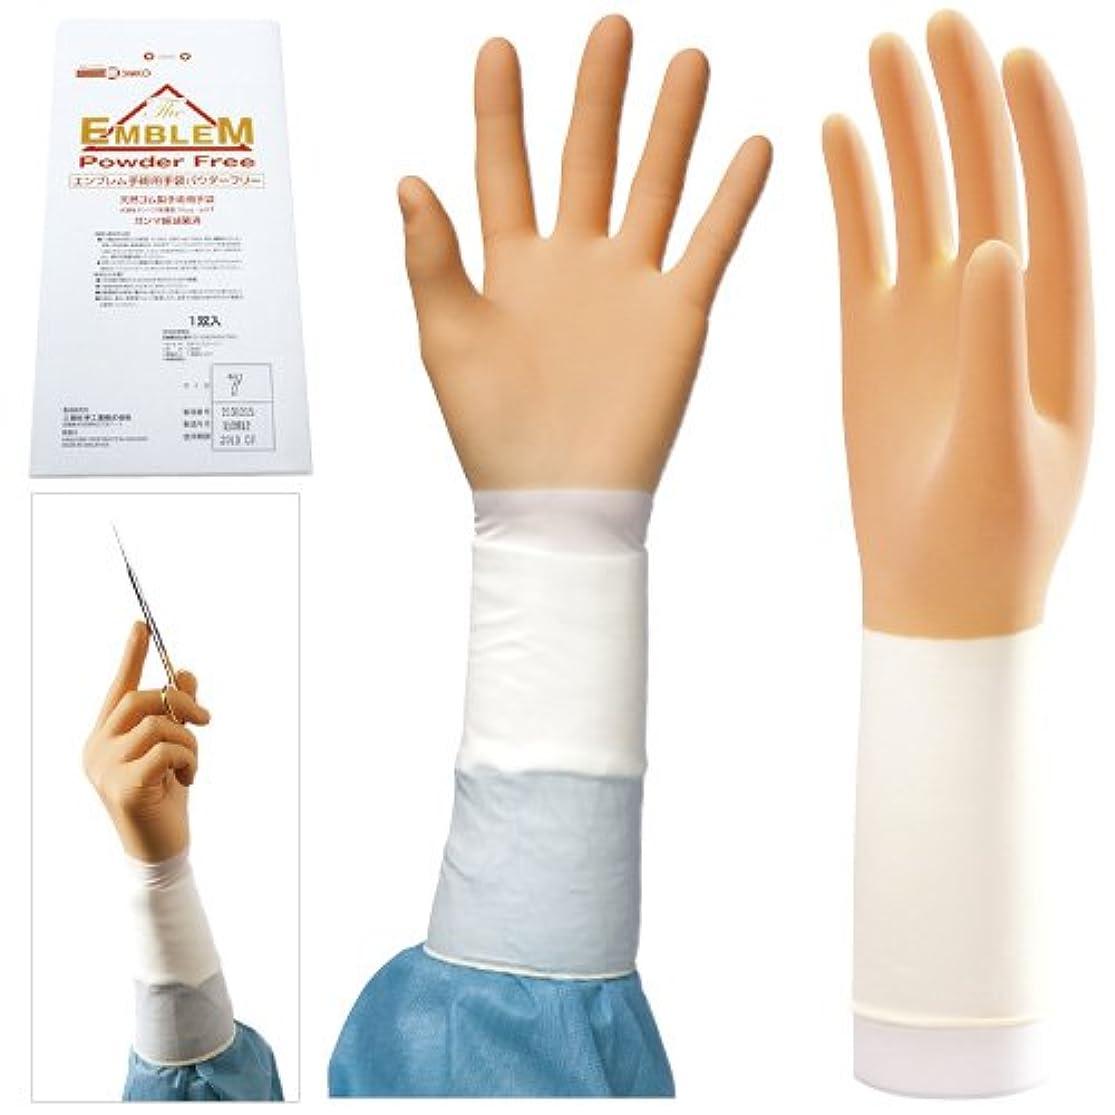 不実天国同志エンブレム手術用手袋 パウダーフリー NEW(20双入) 8.5